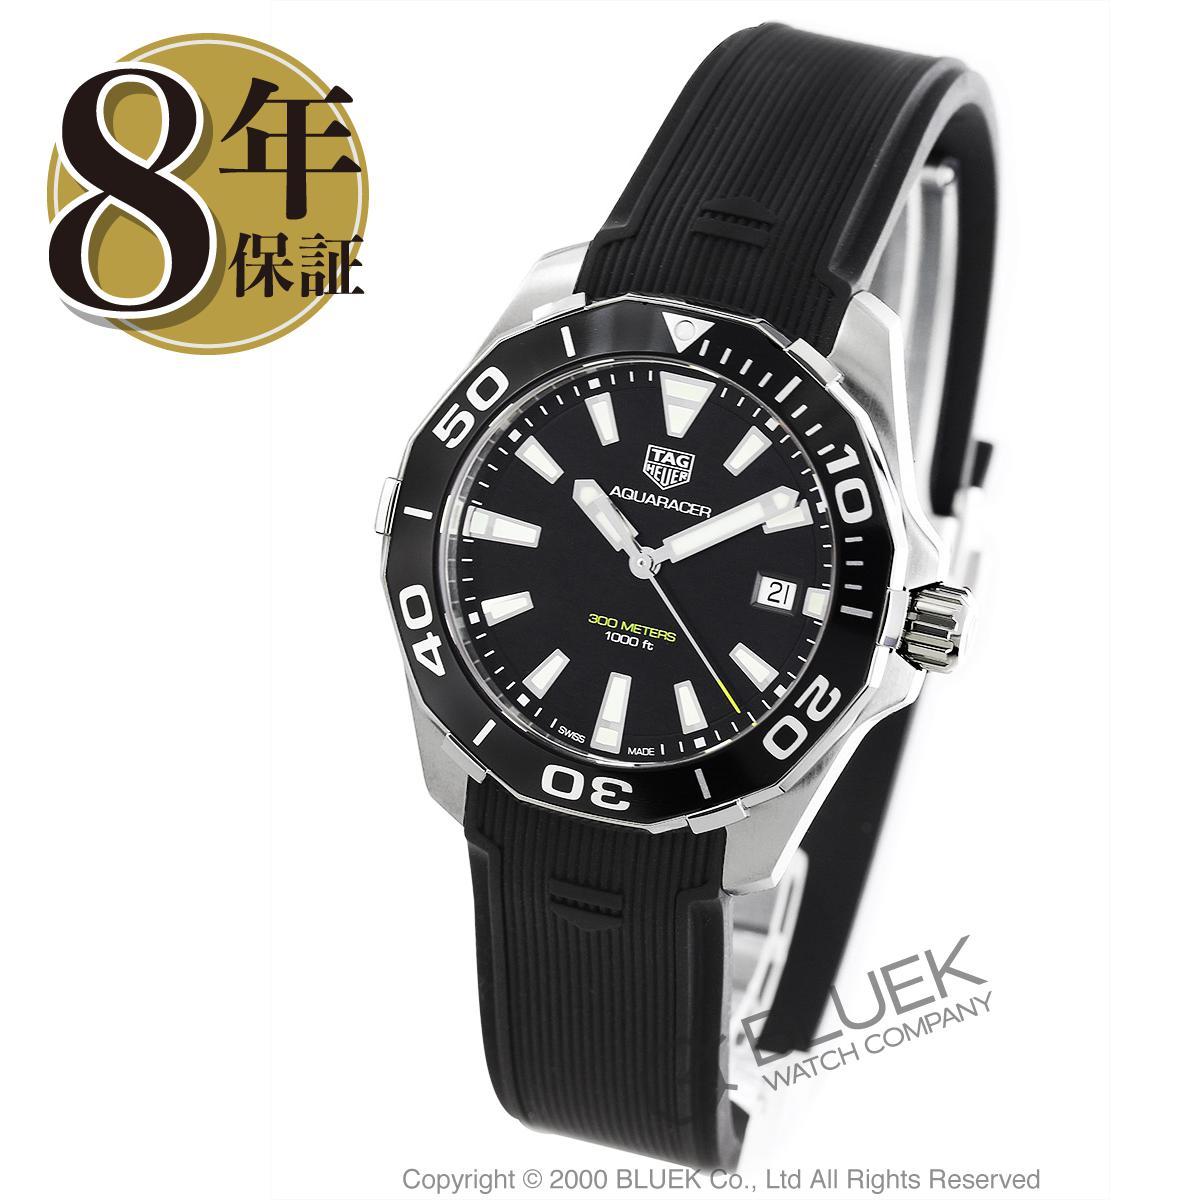 タグホイヤー アクアレーサー 300m防水 腕時計 メンズ TAG Heuer WAY111A.FT6151_8 バーゲン ギフト プレゼント